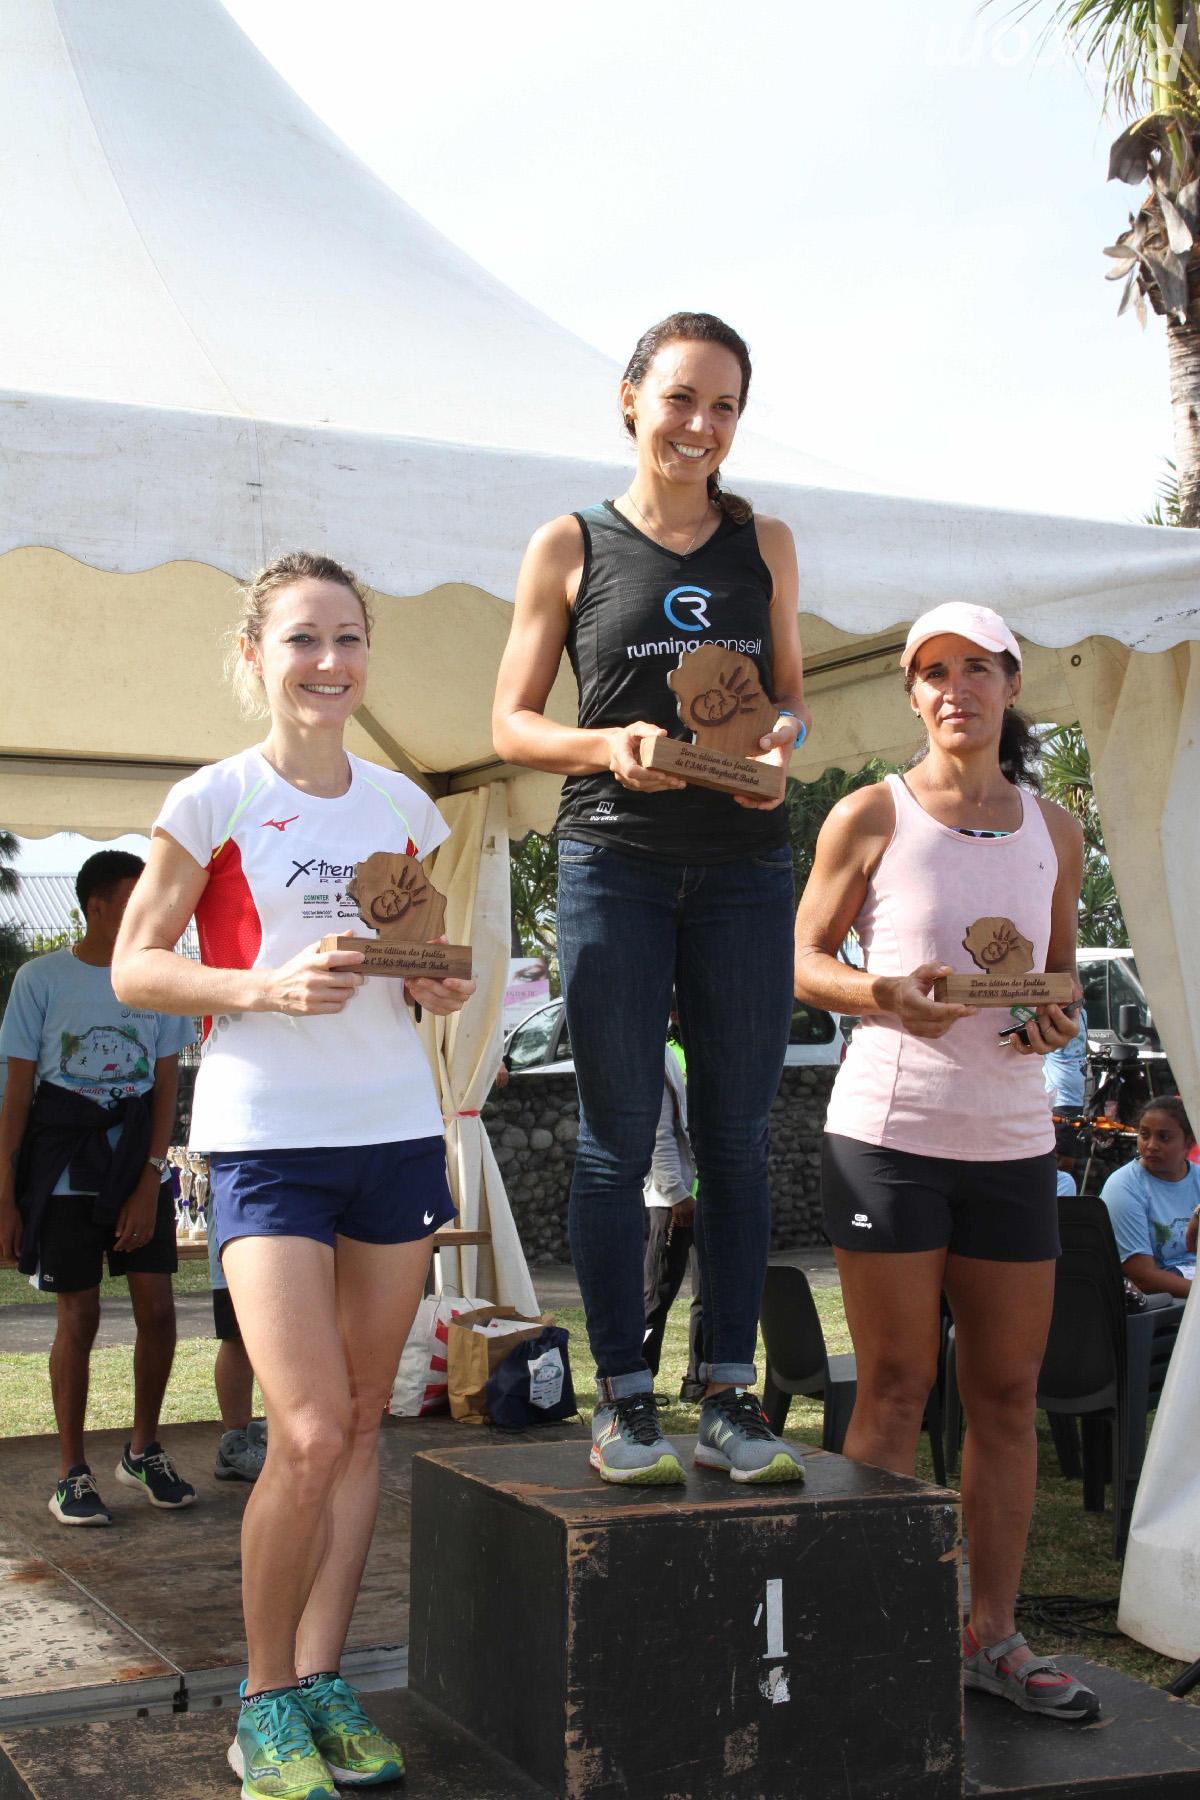 Le podium féminin scratch: Emma Métro (1), Justine Lemaître (2) et Olivia Dijoux (3)